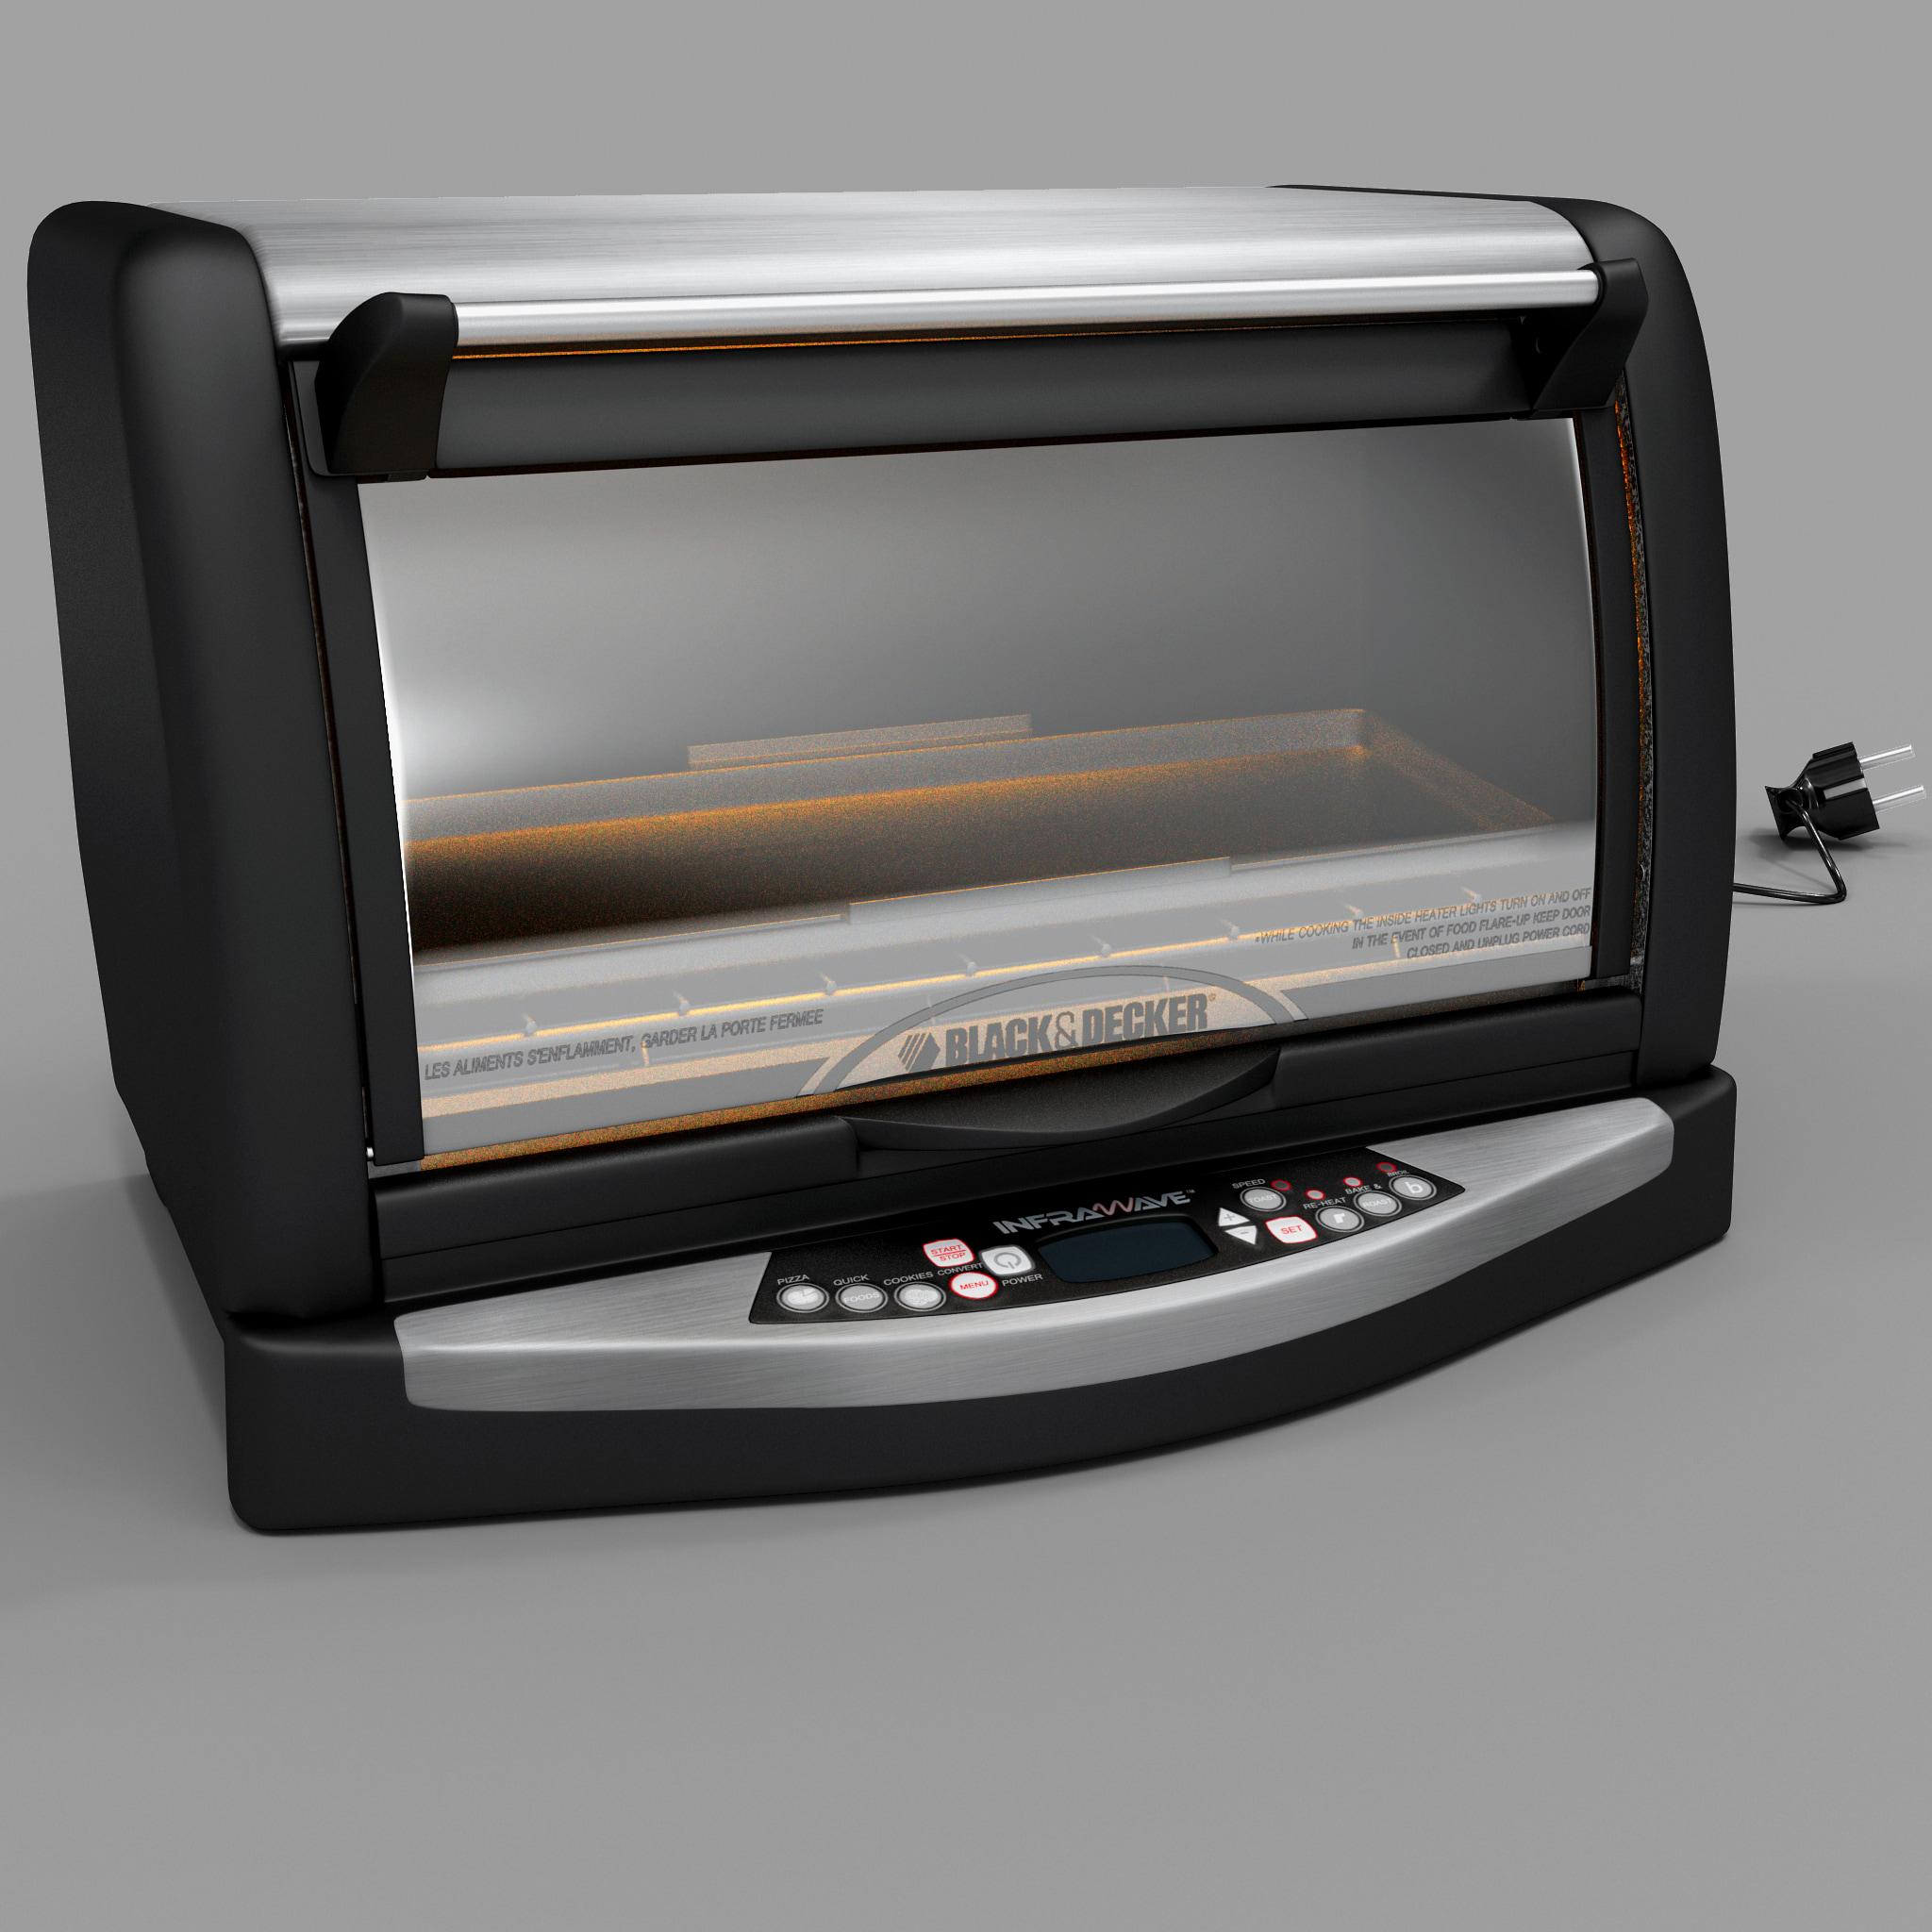 Infrawave Countertop Oven : Infrawave Oven_87.jpg